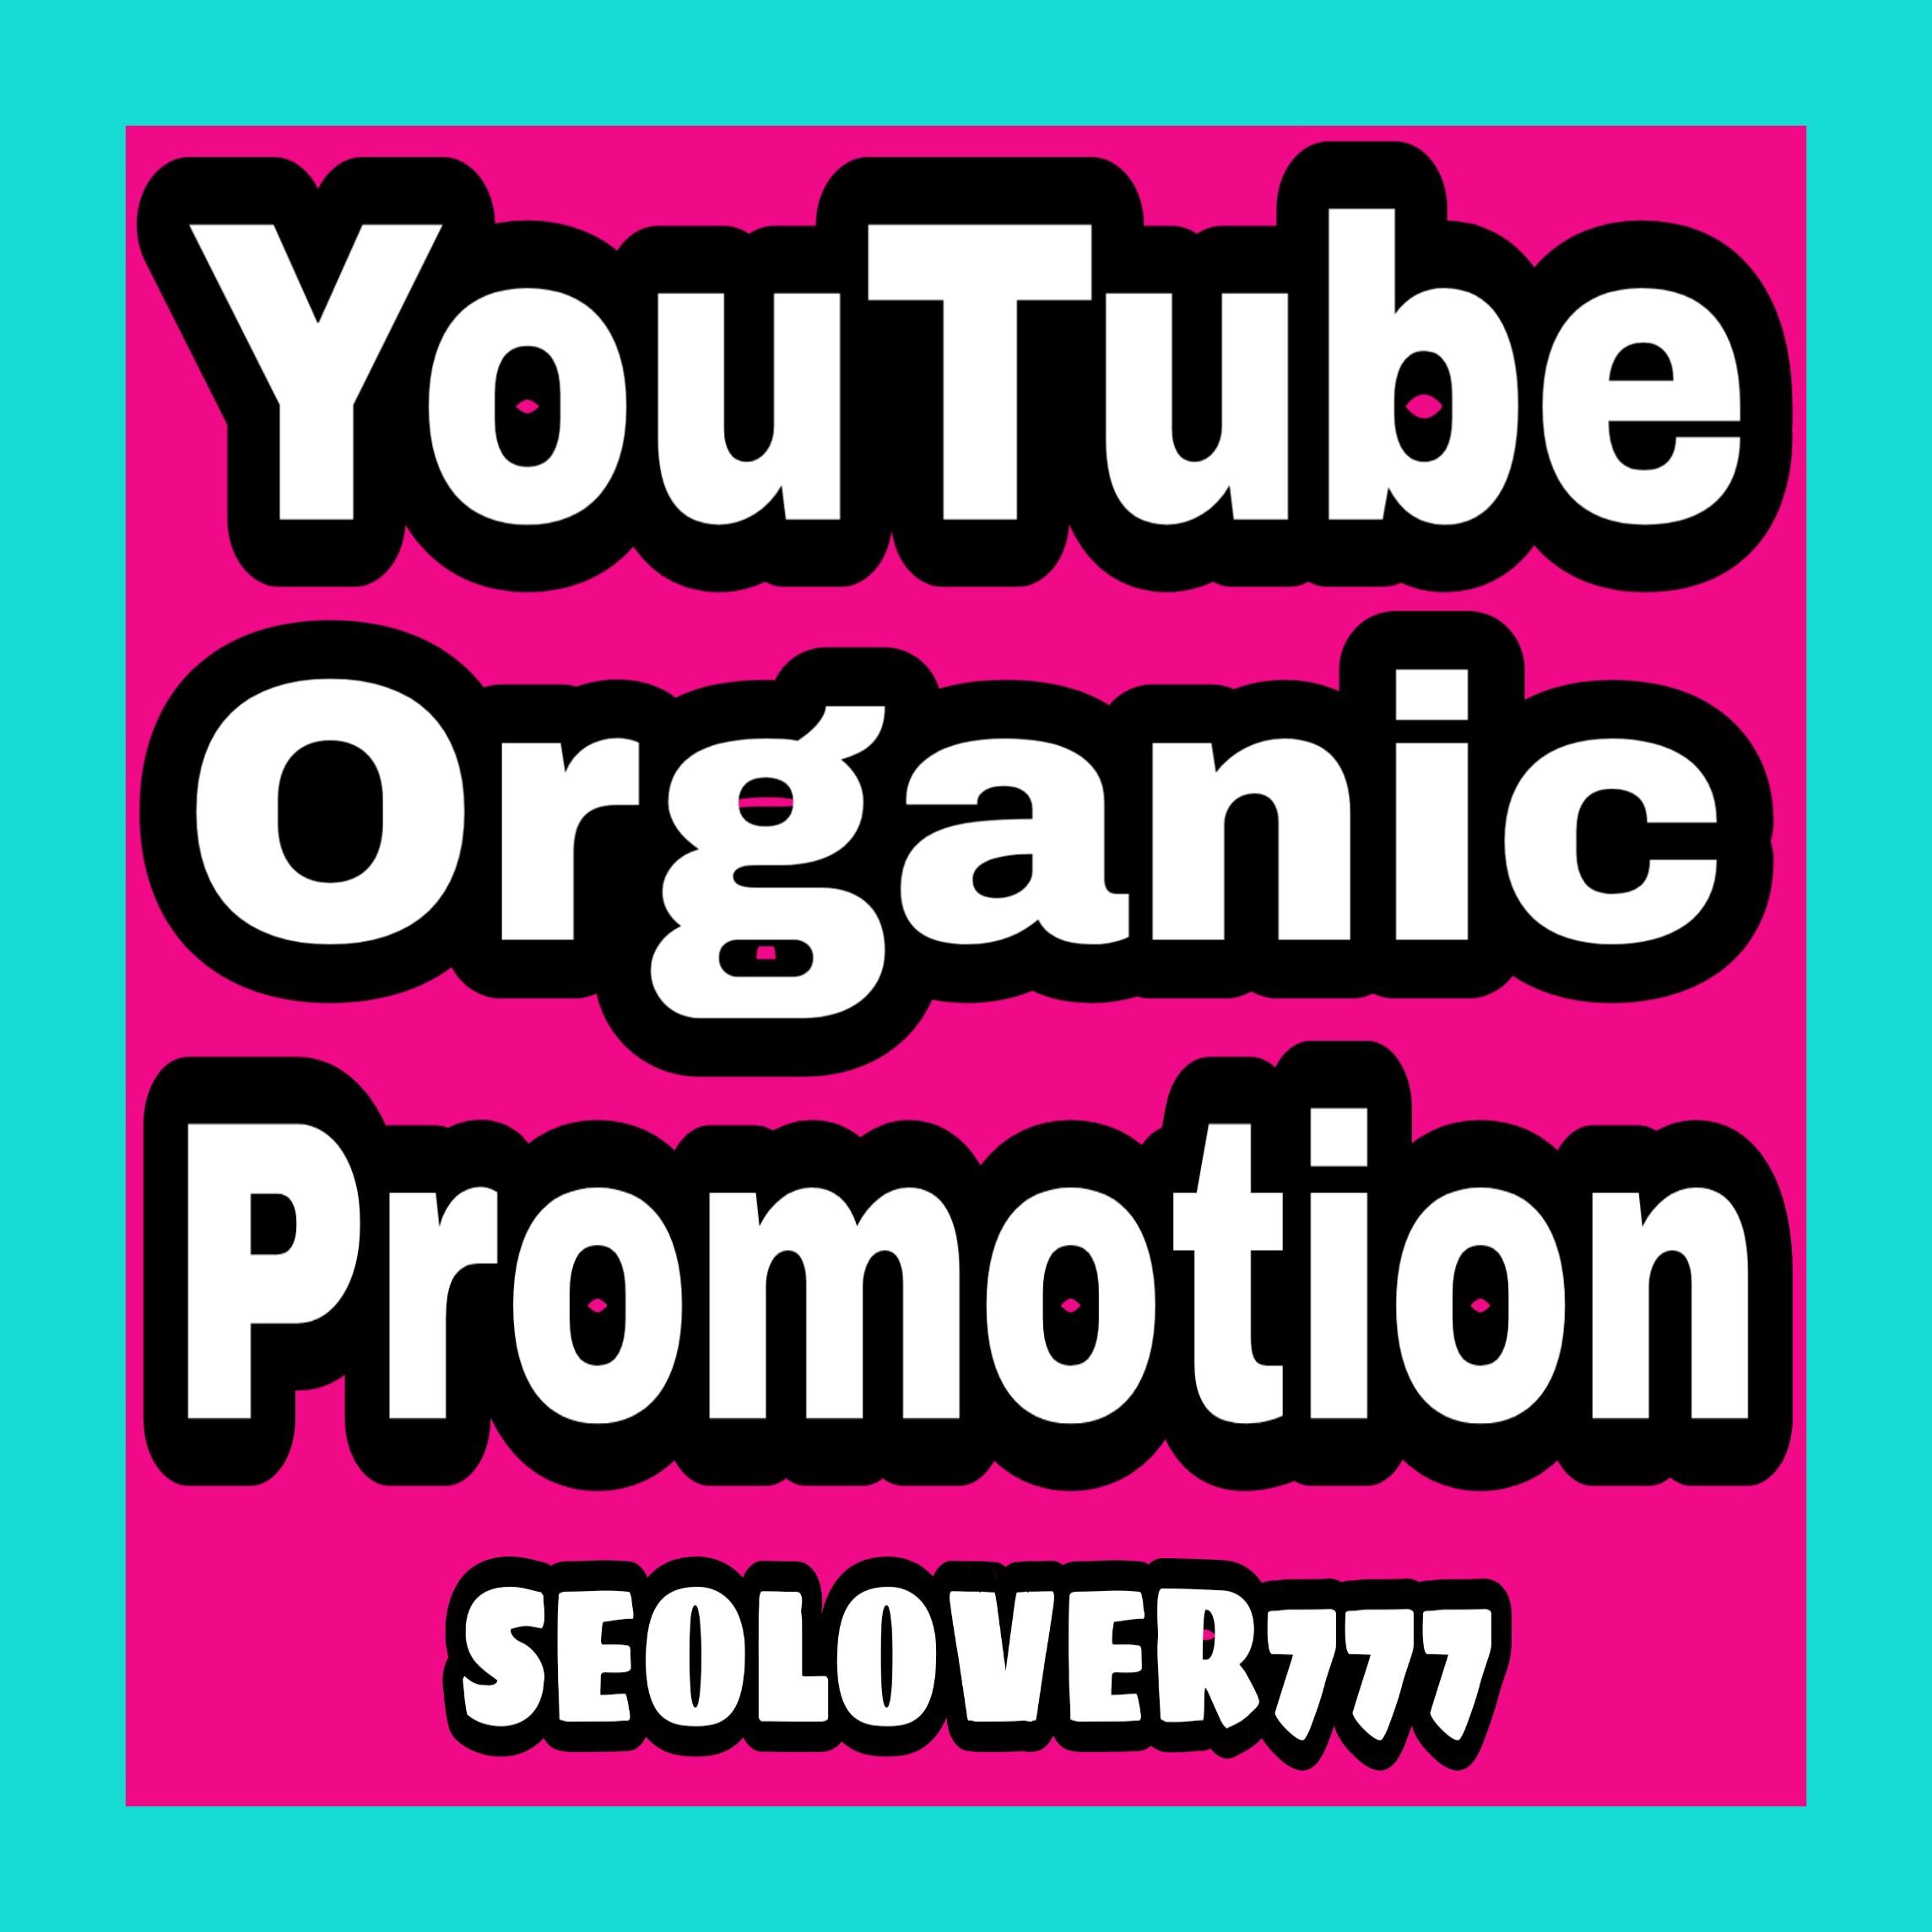 Best YouTube Organic Promotion & Marketing